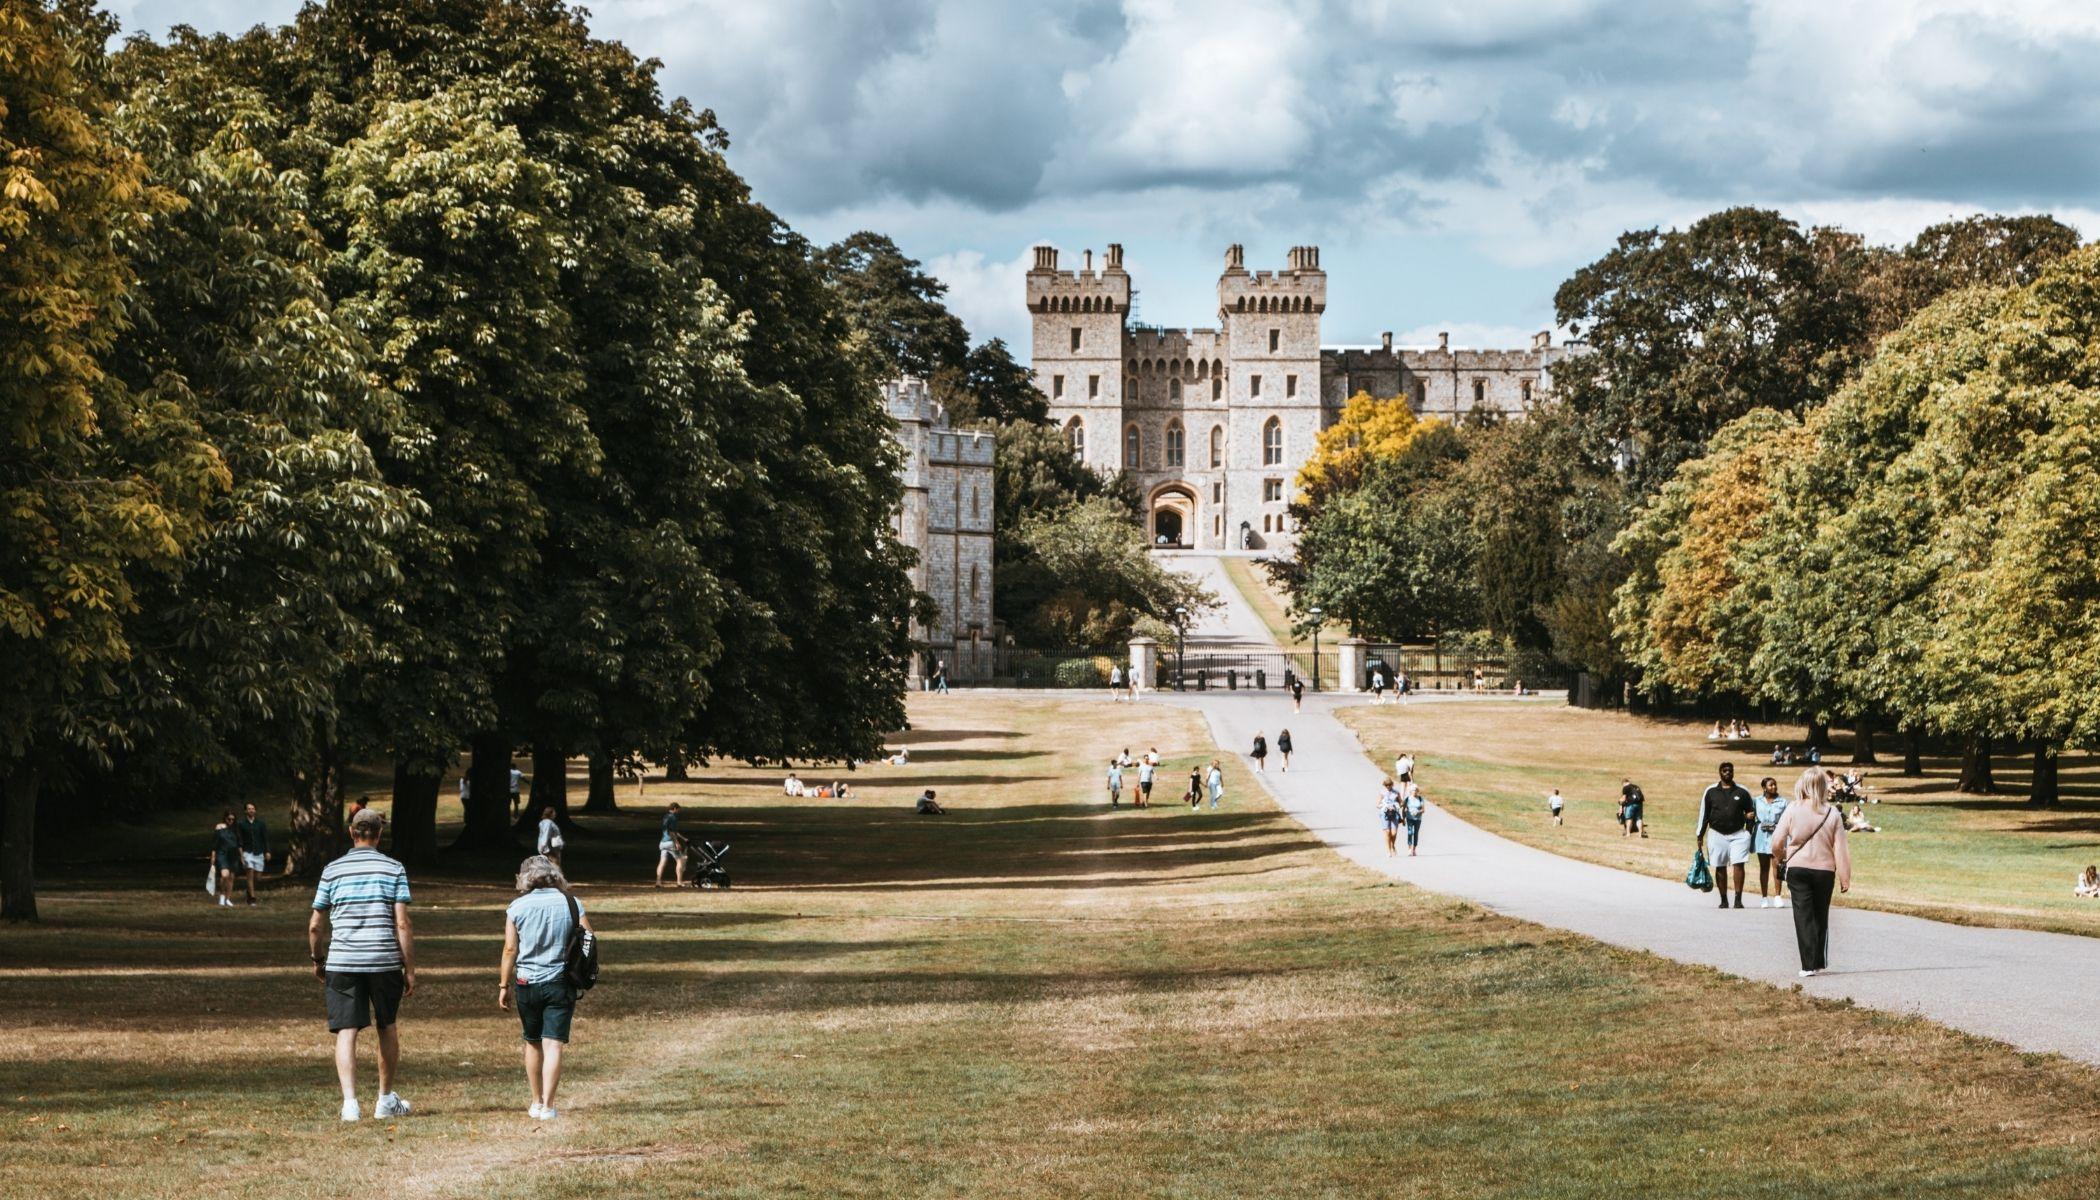 Visit Windsor